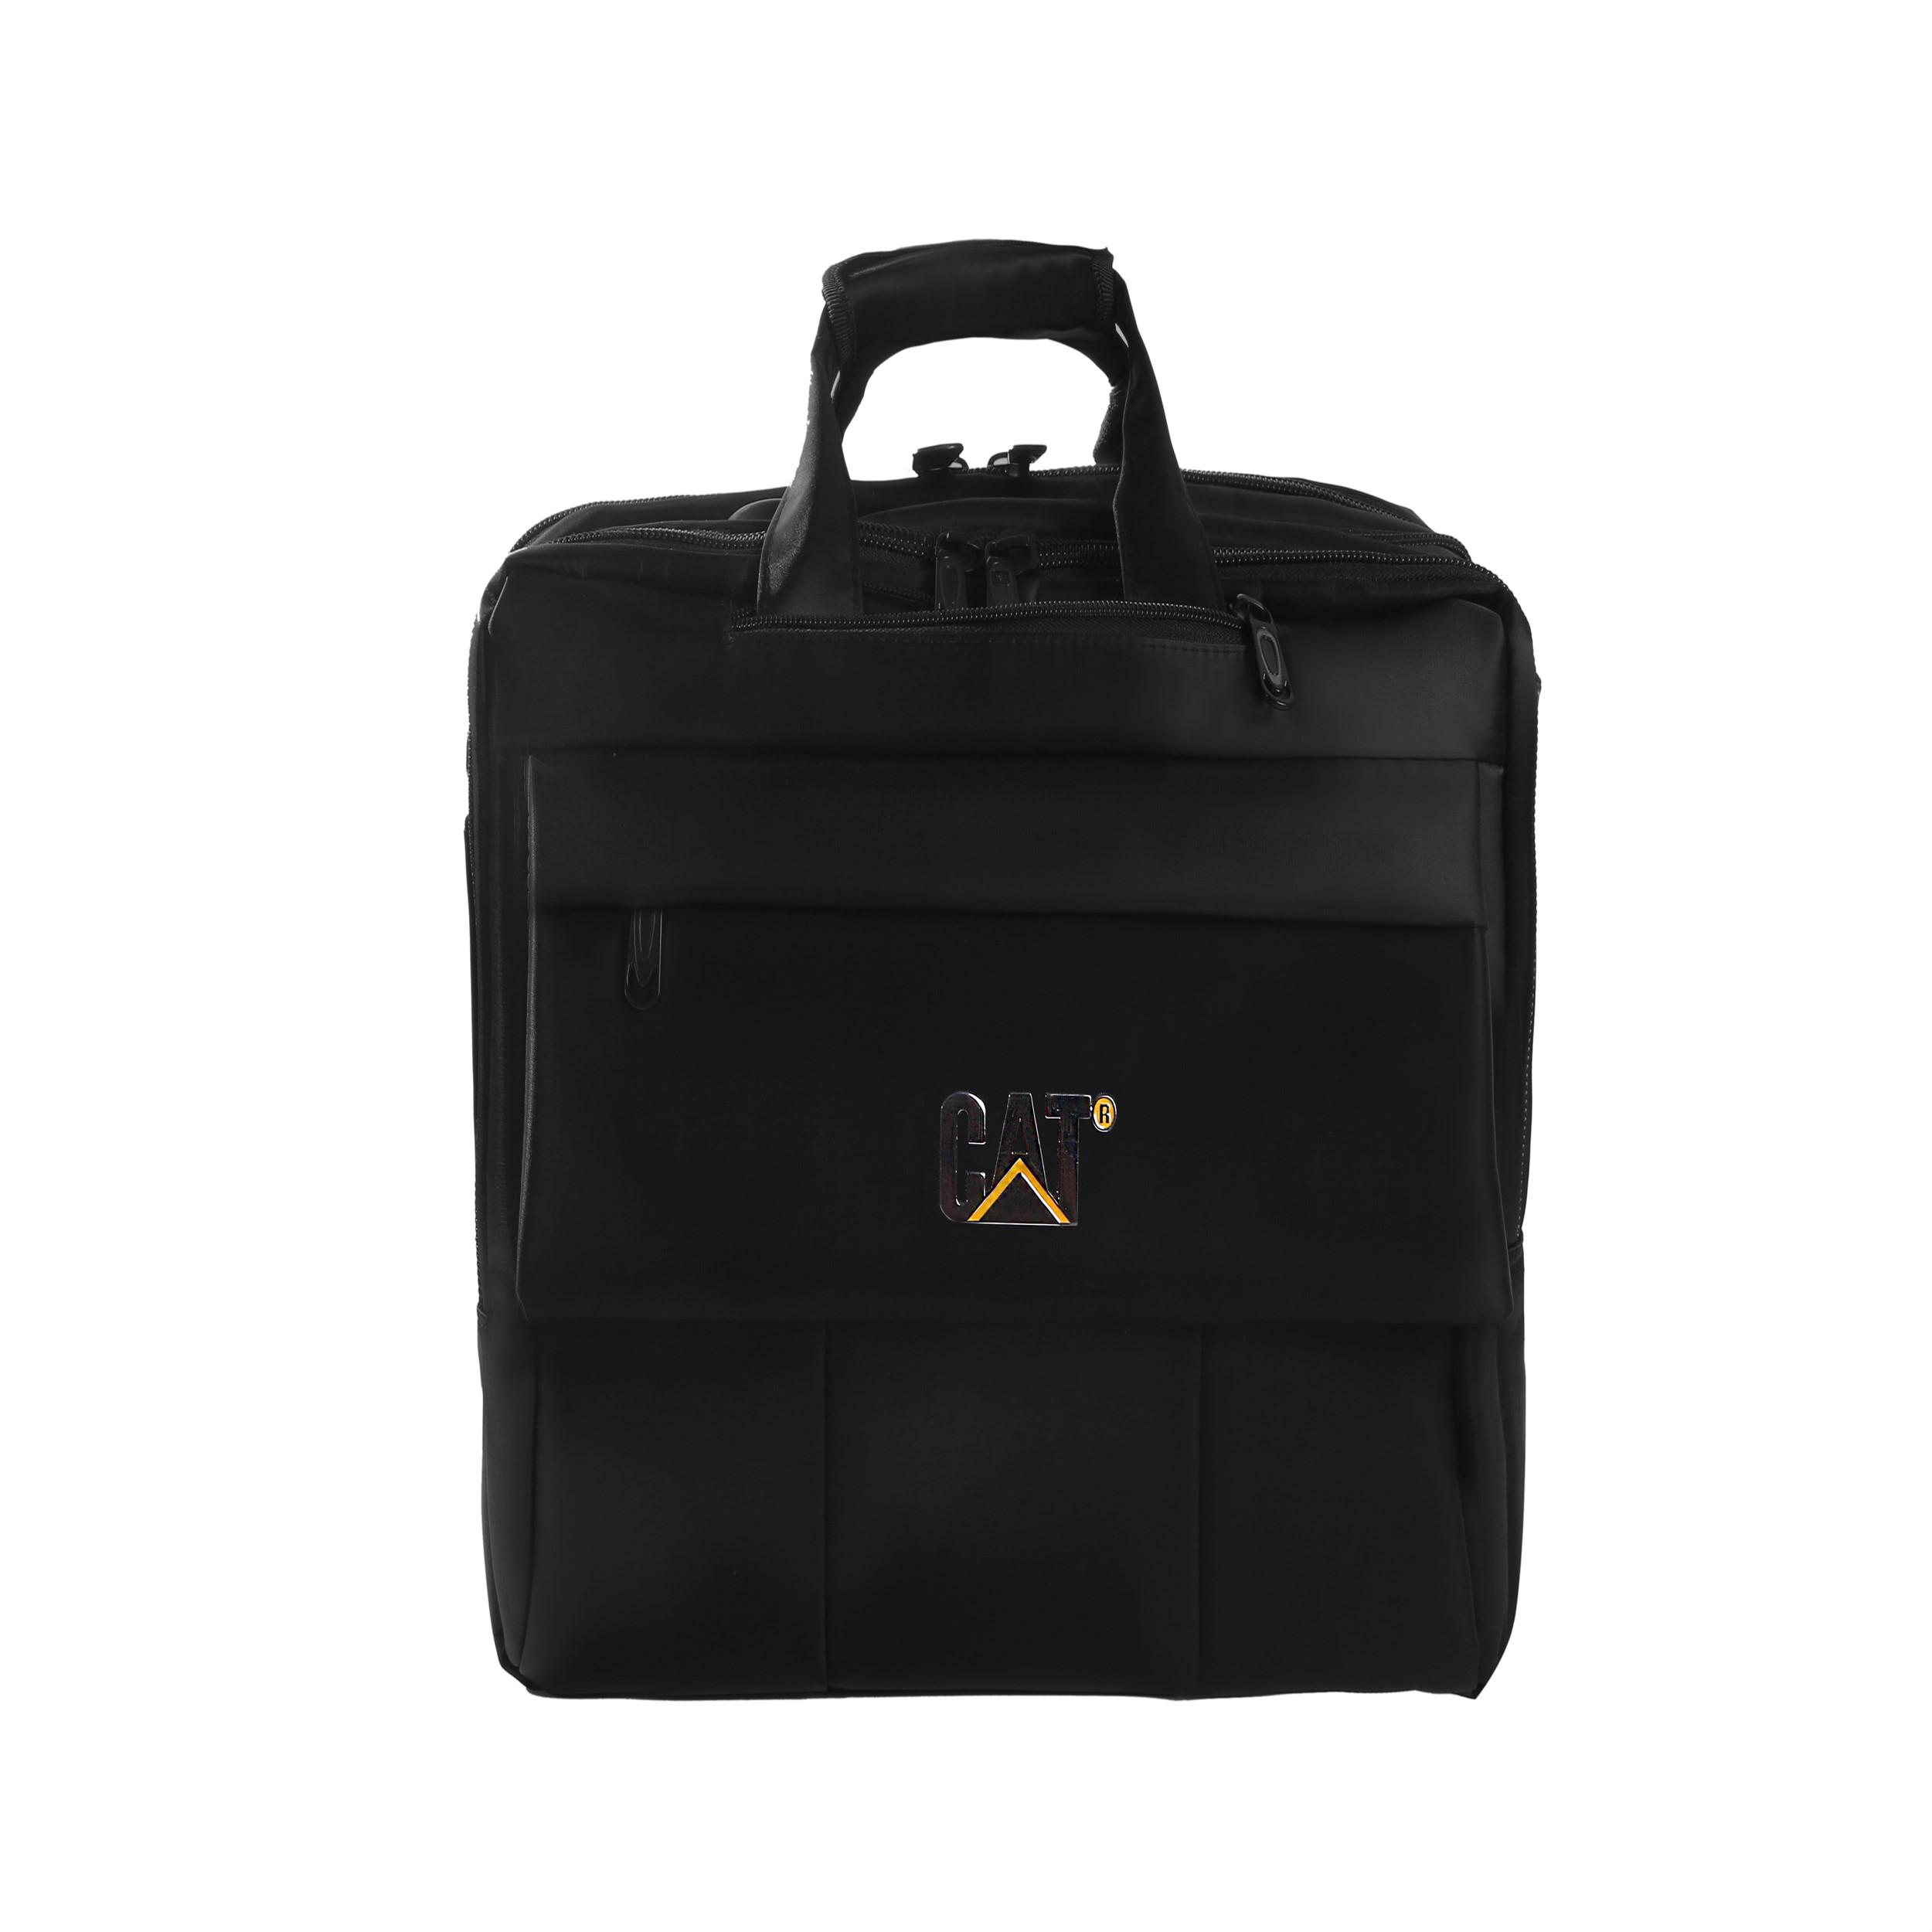 کیف لپ تاپ  مدل CT-404 مناسب برای لپ تاپ 15.6 اینچ